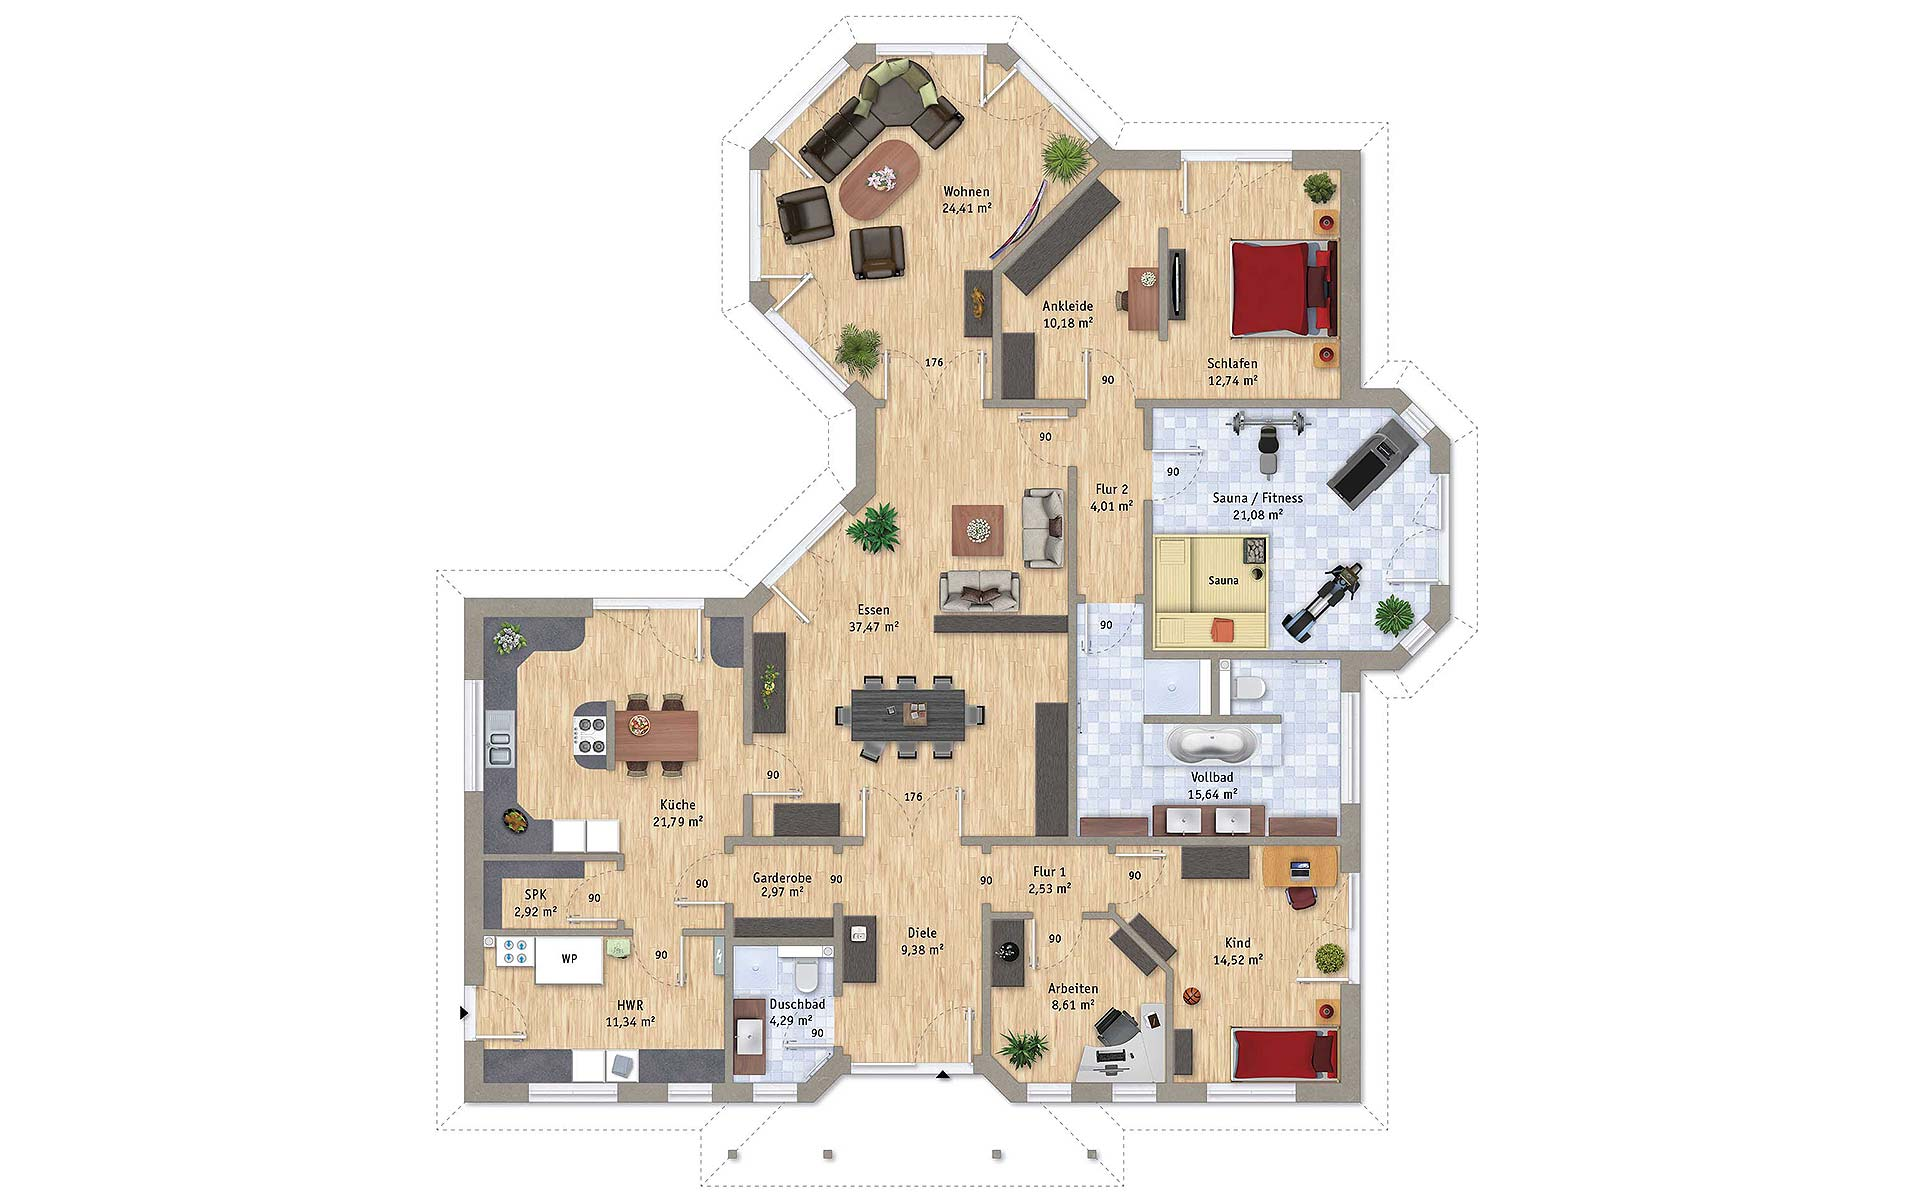 Erdgeschoss VarioCorner 204 von VarioSelf Lizenzgesellschaft mbH